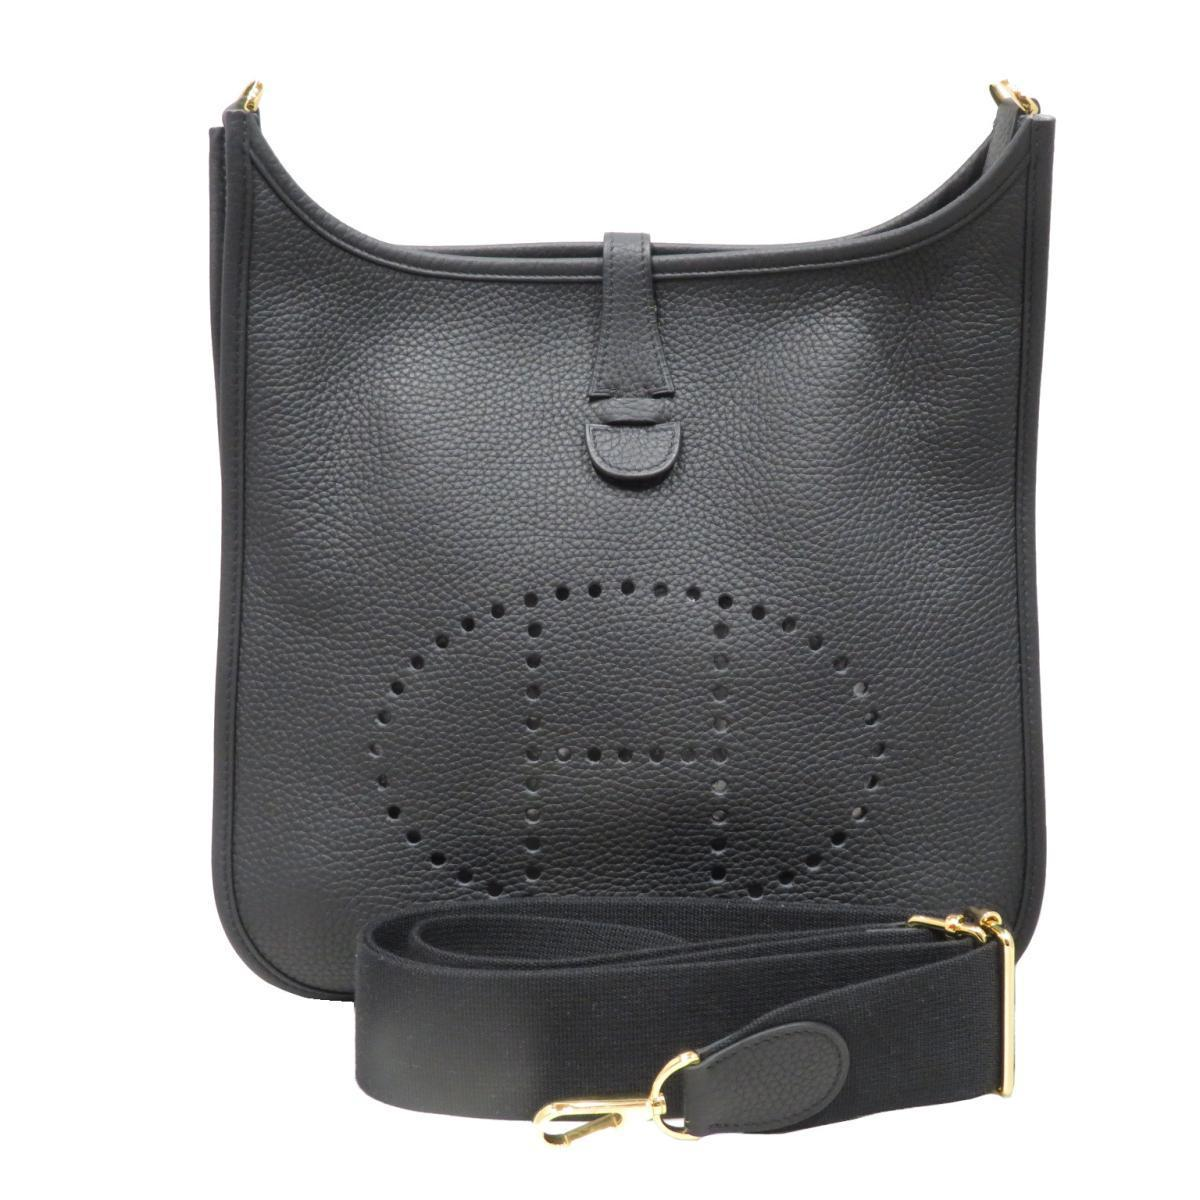 HERMES Evelyne PM Shoulder Bag Ladies Men's Black (Gold hardware) Taurillon Clemence